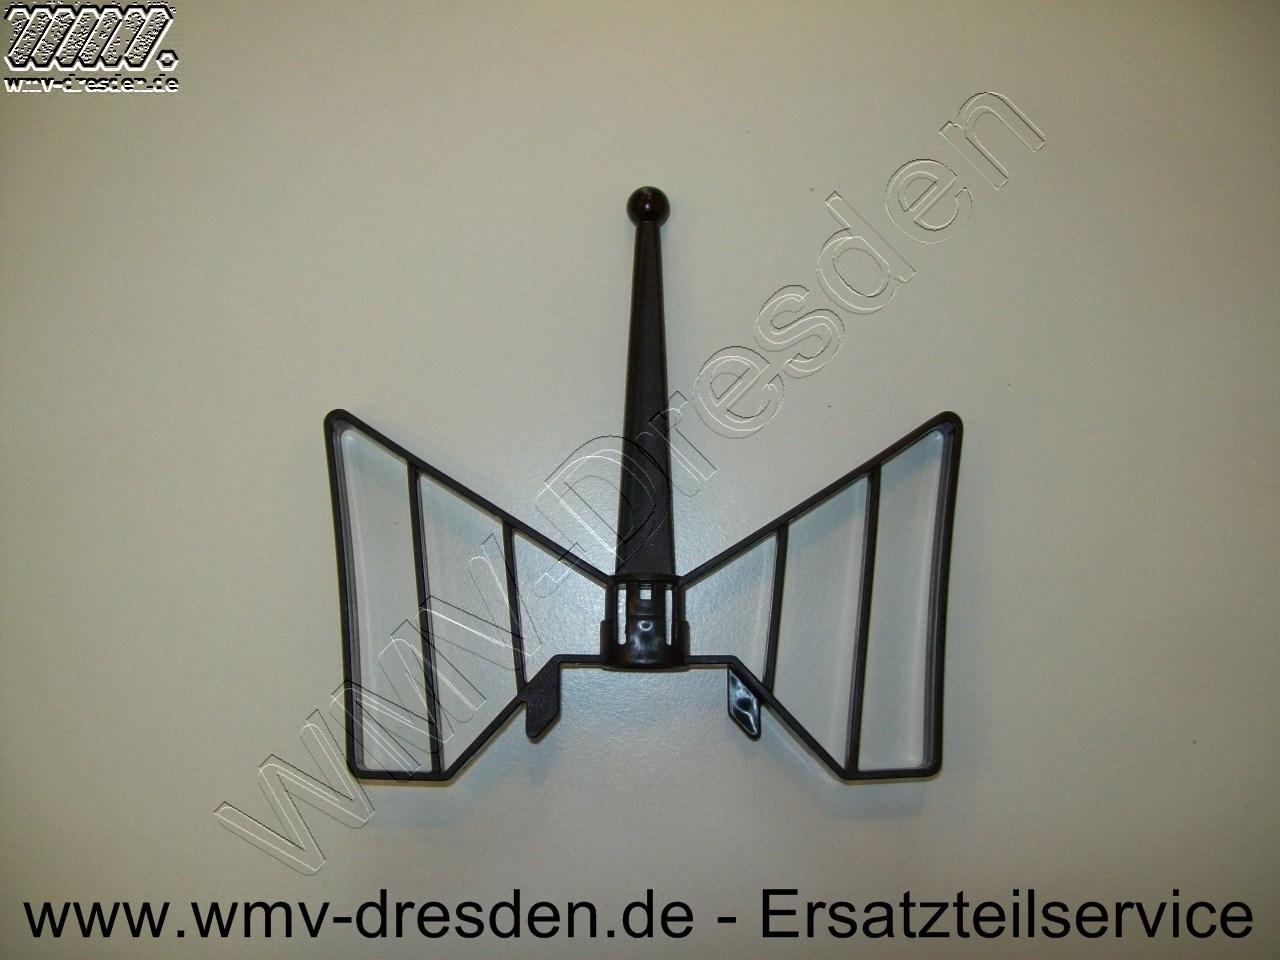 QUIGG WMV-Quigg-0120 Rührflügel für Quigg Küchenmaschine KM 2014.14 ...